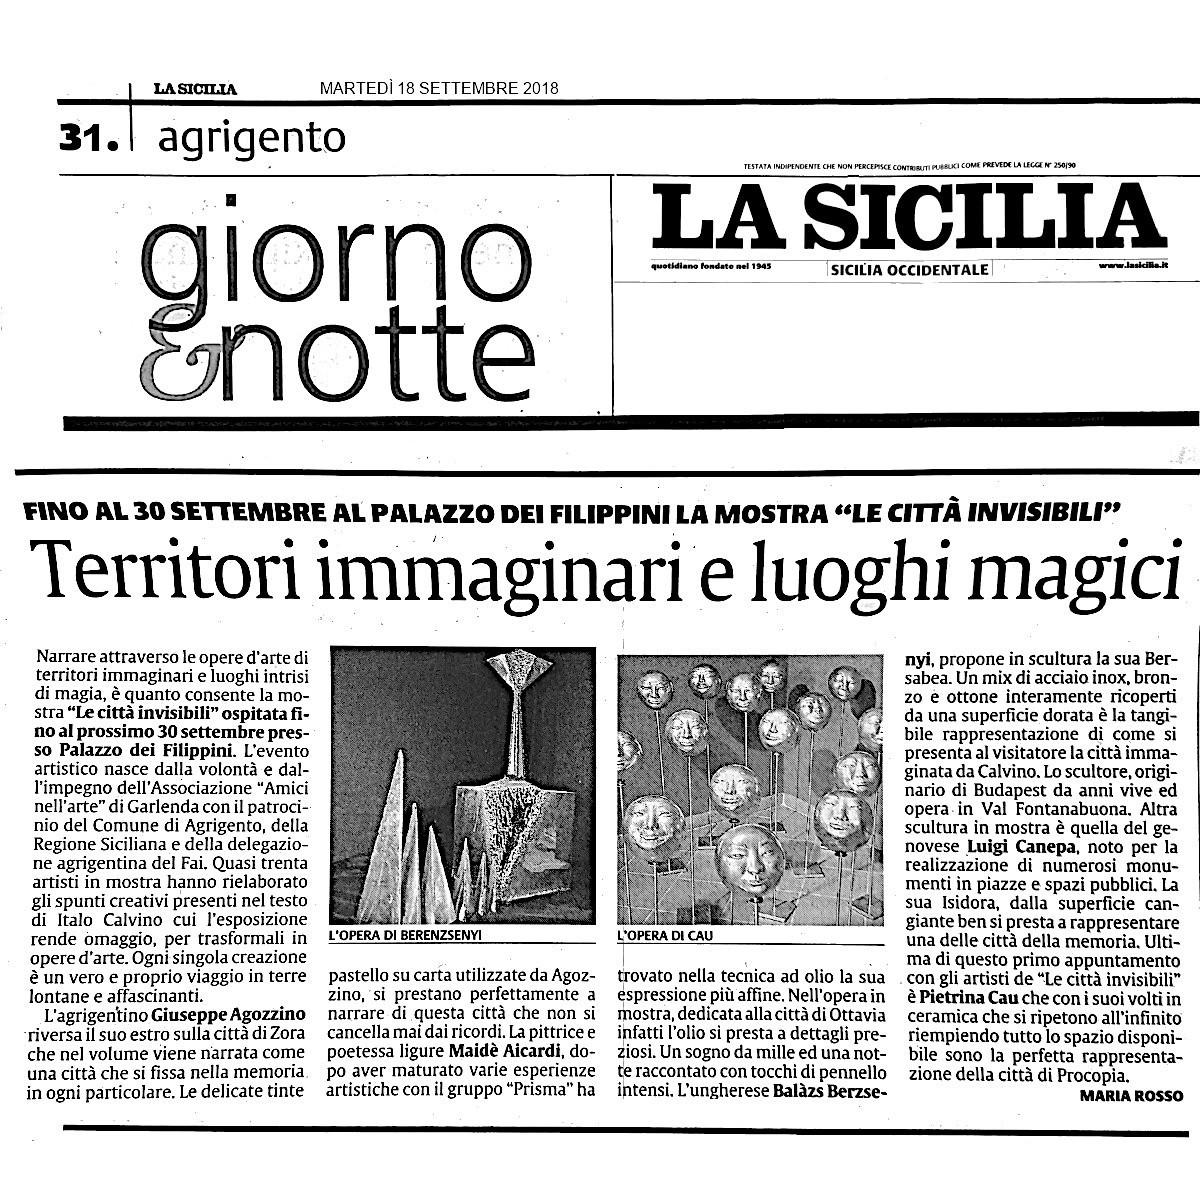 La Sicilia AG18 settembre 2018